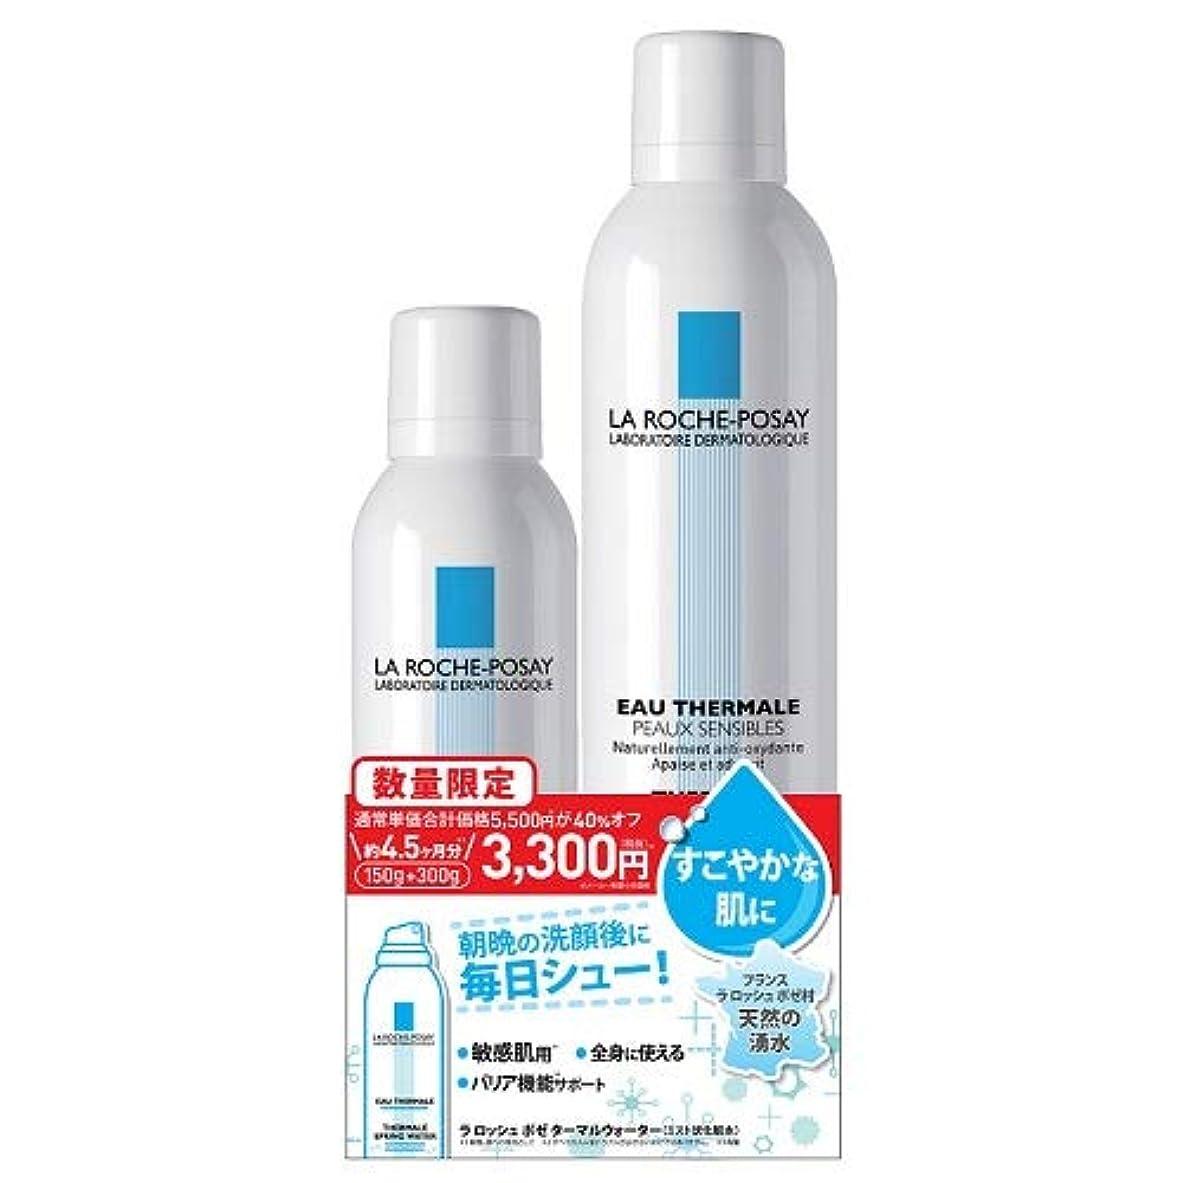 価値のない反毒資金La Roche-Posay(ラロッシュポゼ) 【敏感肌用*ミスト状化粧水】ターマルウォーター300g+150gキット